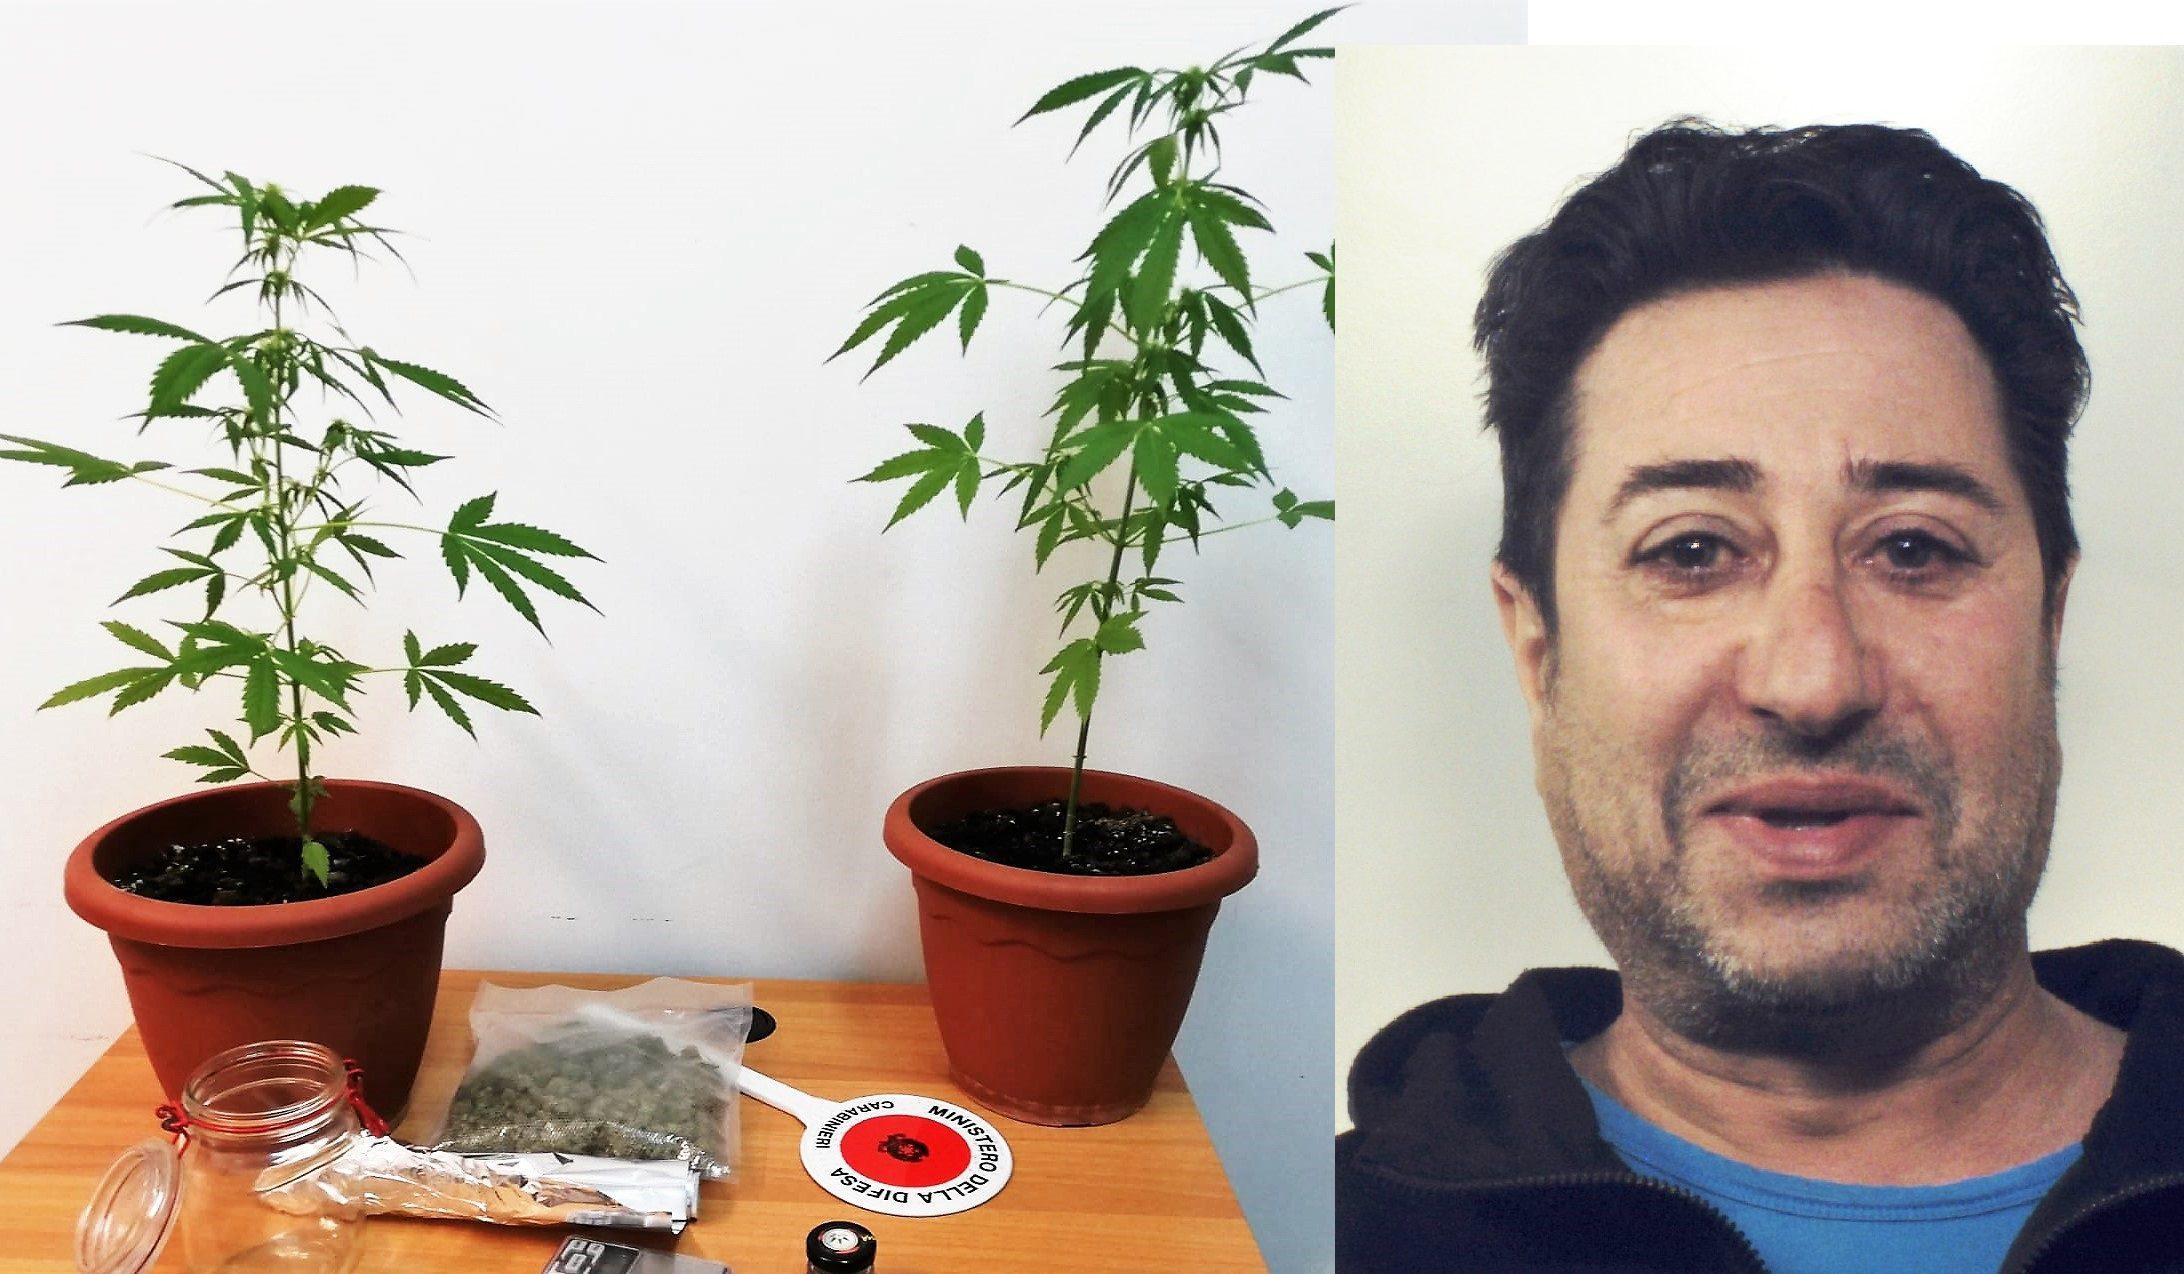 Bronte, sorpreso con la droga in auto ( e 2 piantine a casa): arrestato 54enne